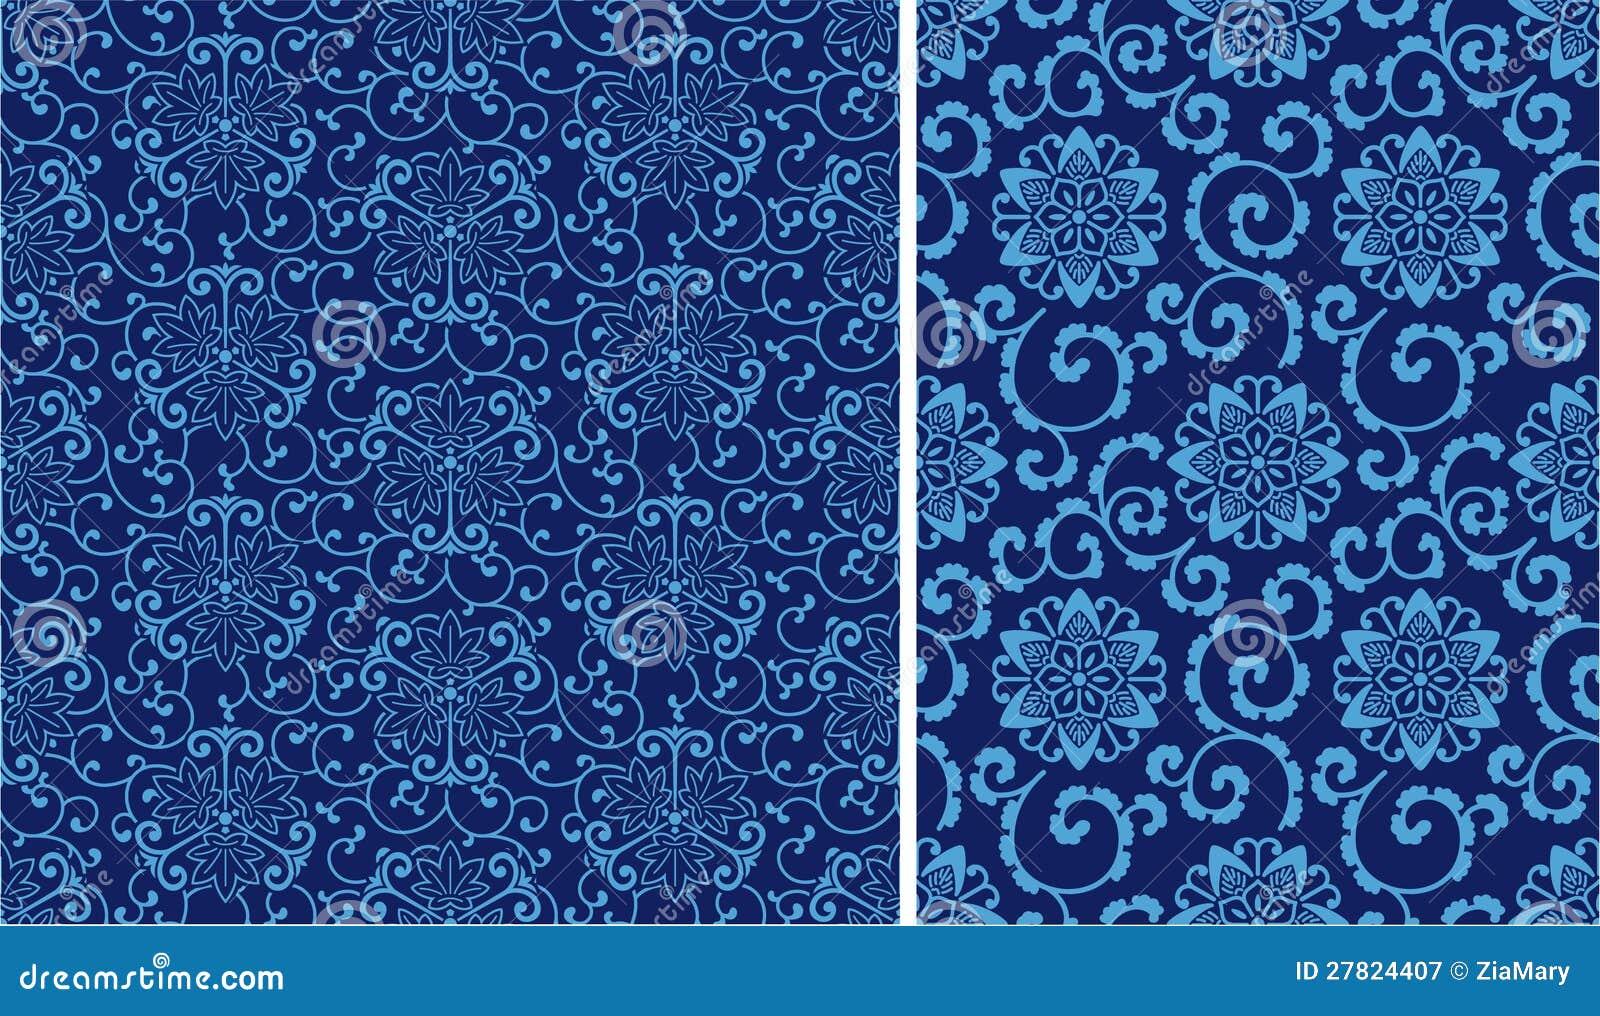 pattern royalty background patterns - photo #16